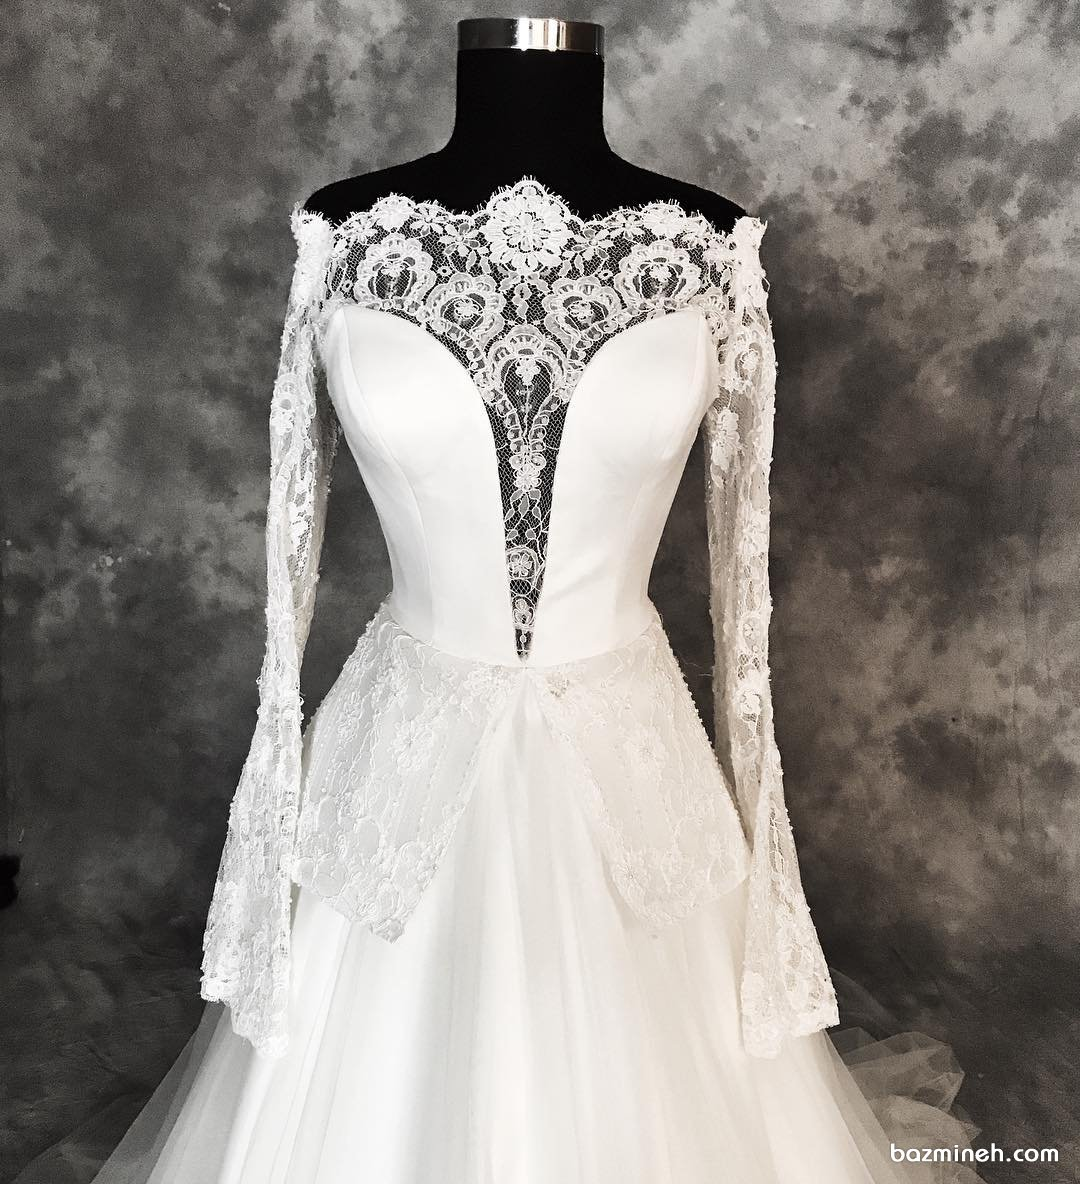 مدل بالا تنه لباس عروس پوشیده با آستین های توری